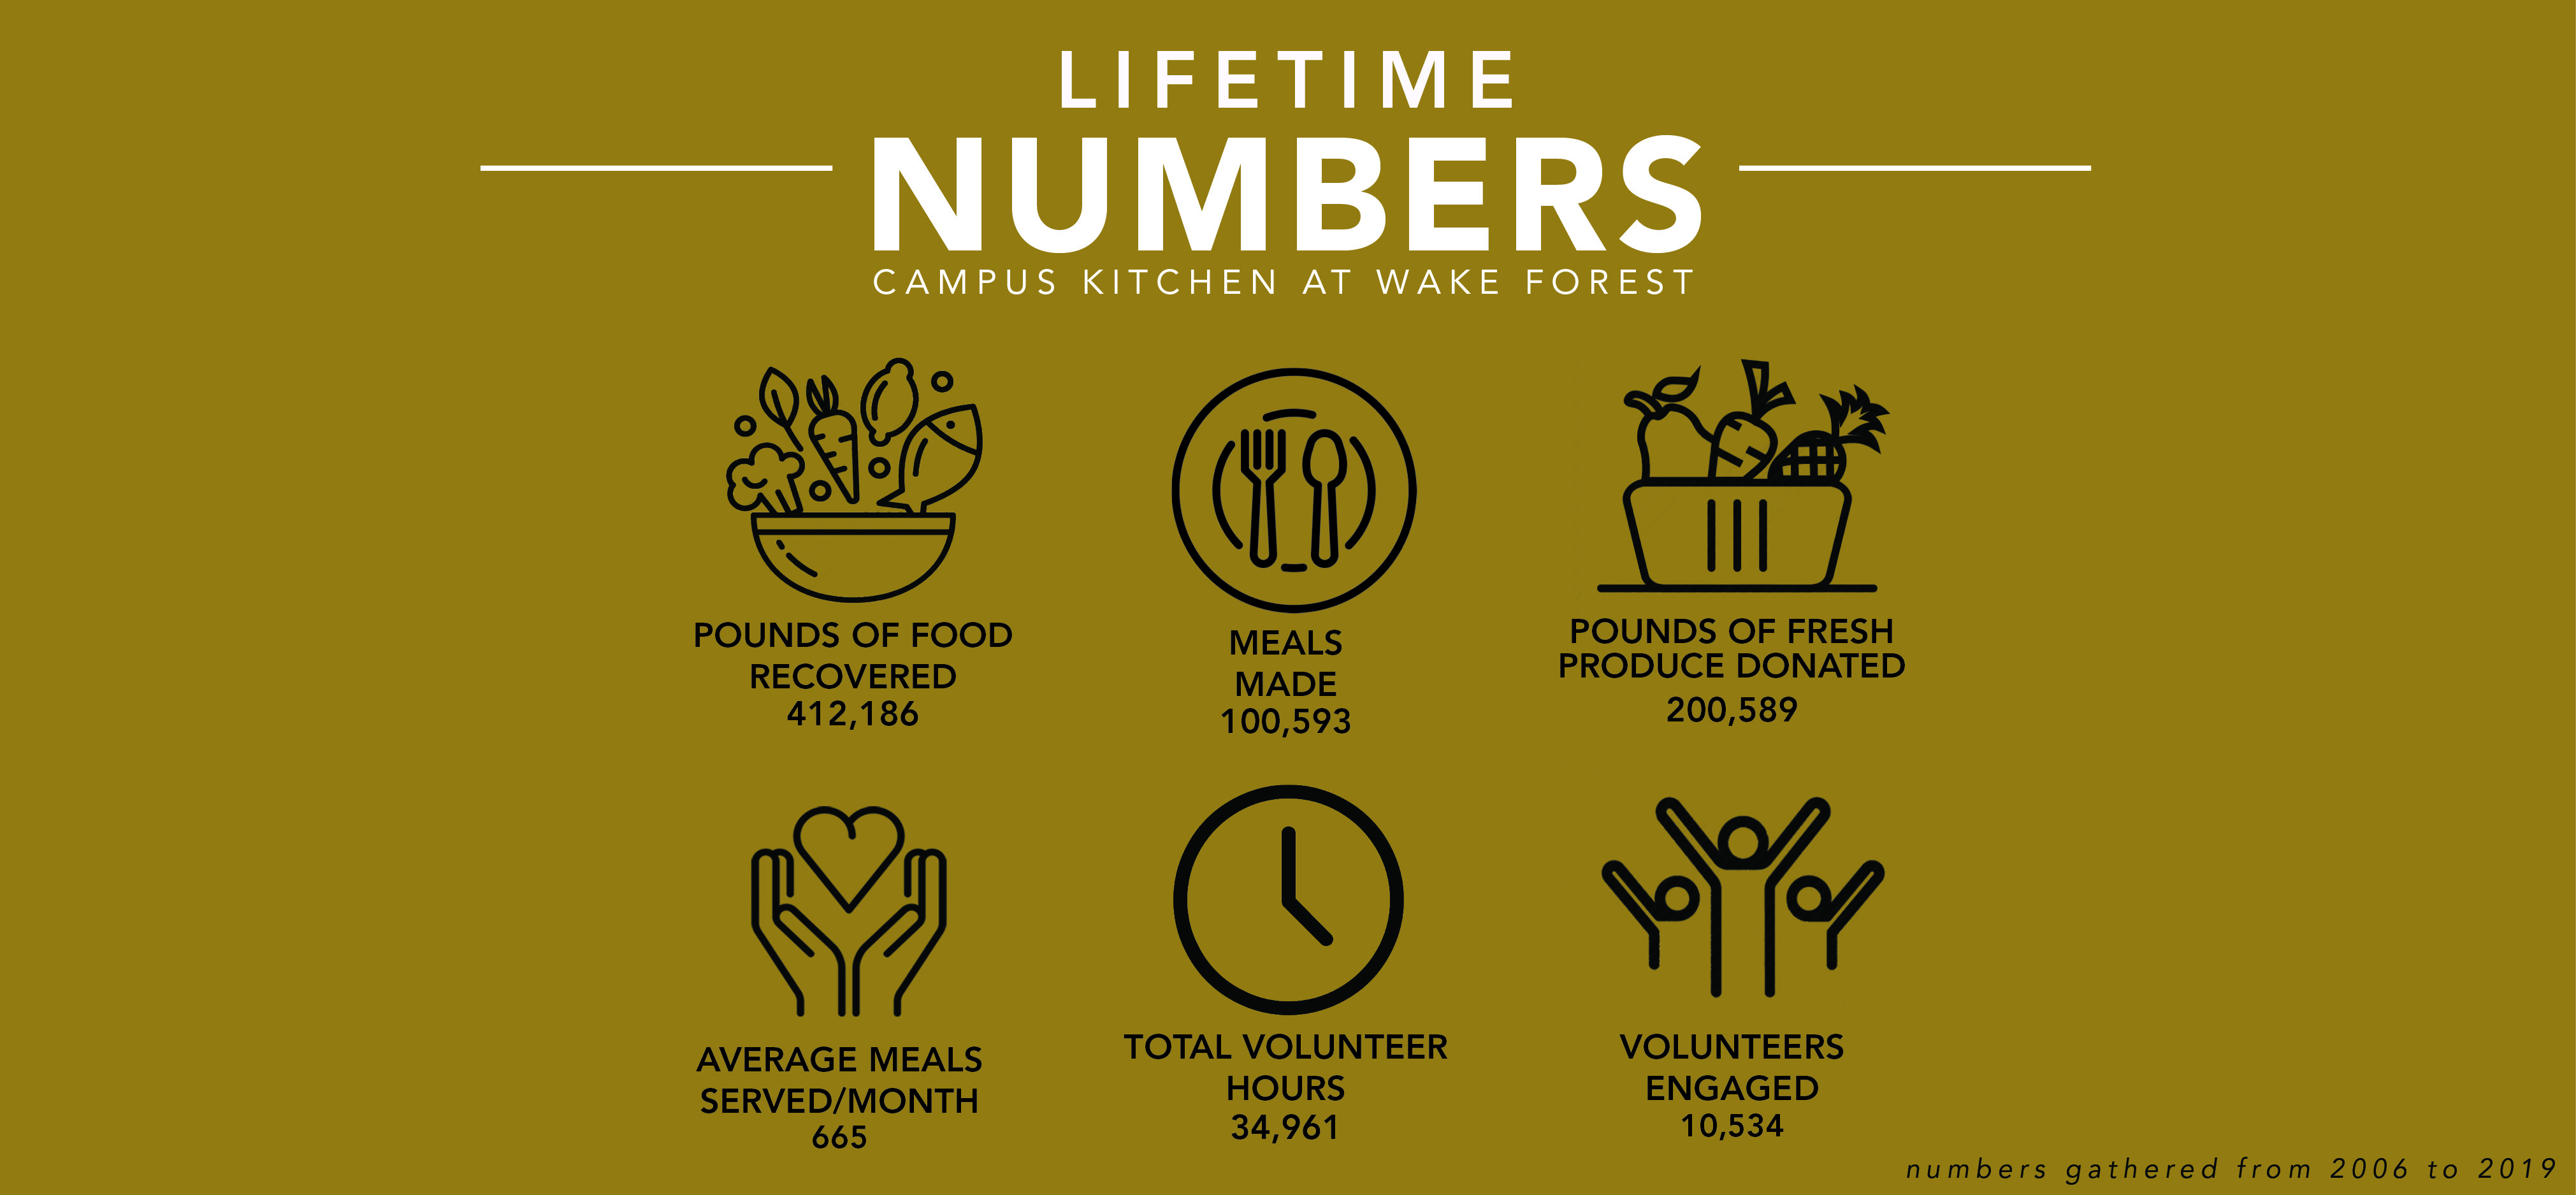 Campus Kitchen Lifetime statistics